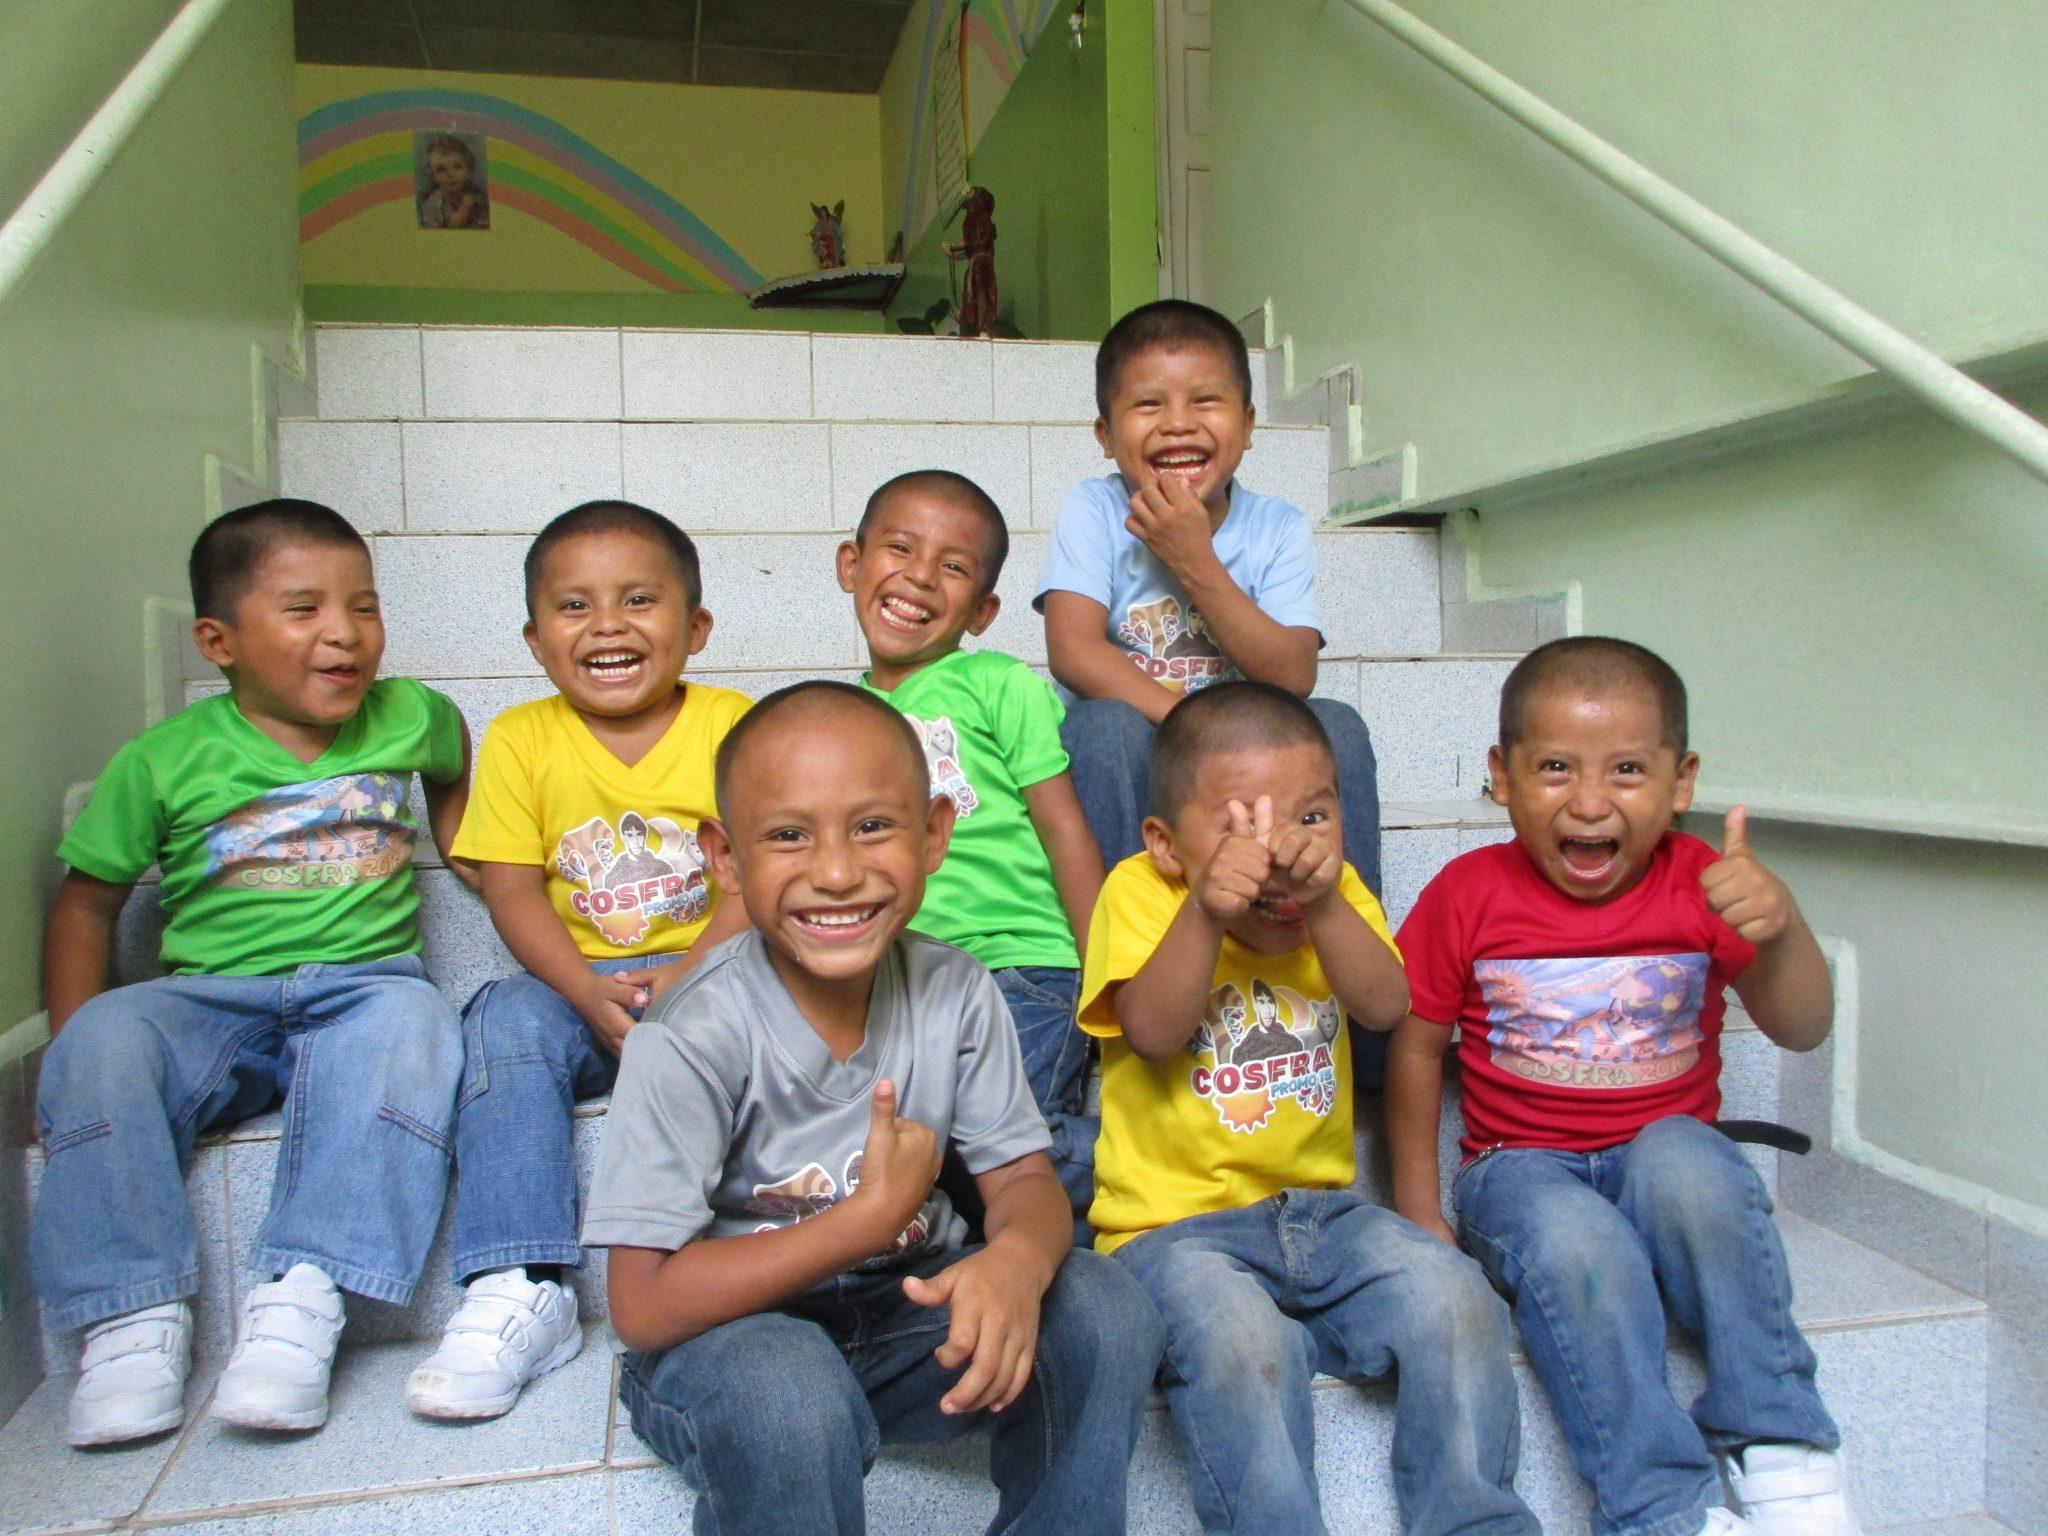 Panama Kinder Lachen